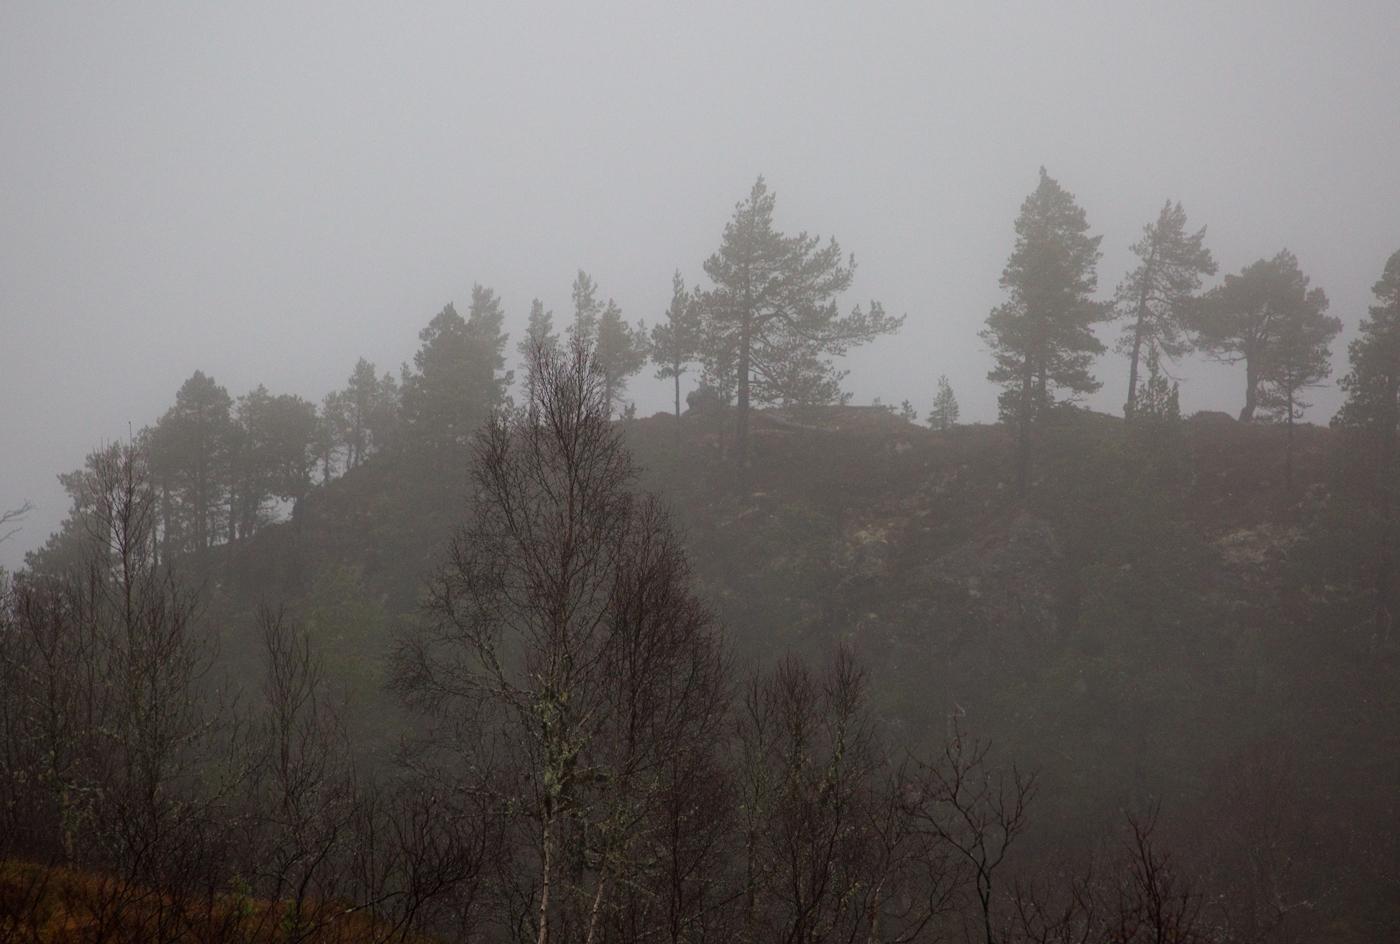 201118k-Svarthaugen.jpg